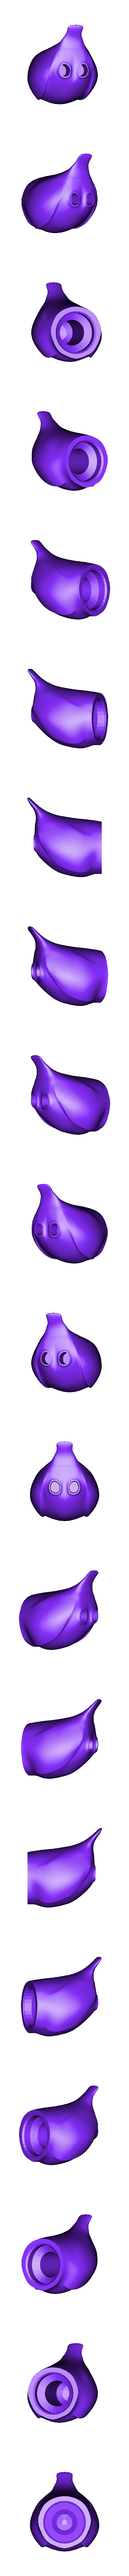 owlbody.stl Télécharger fichier STL gratuit tête de hibou tournant • Design pour imprimante 3D, mtstksk